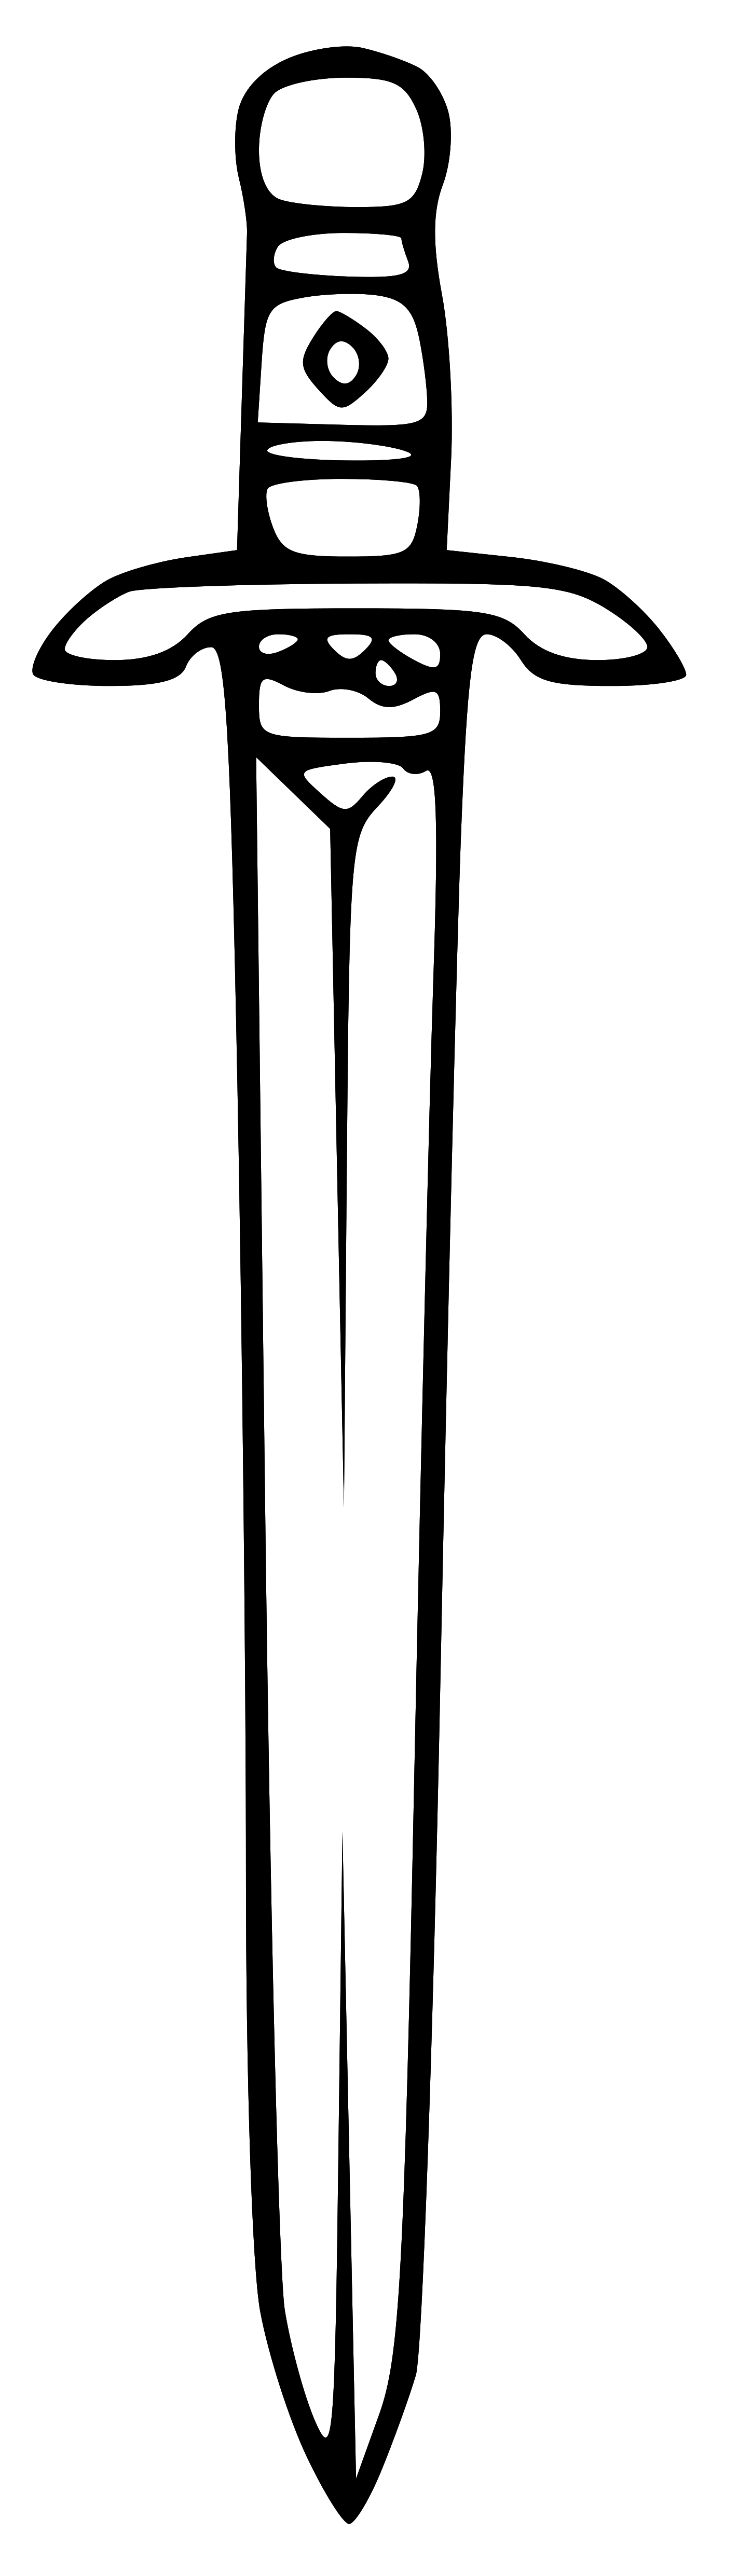 Clip Art Sword - Cliparts co